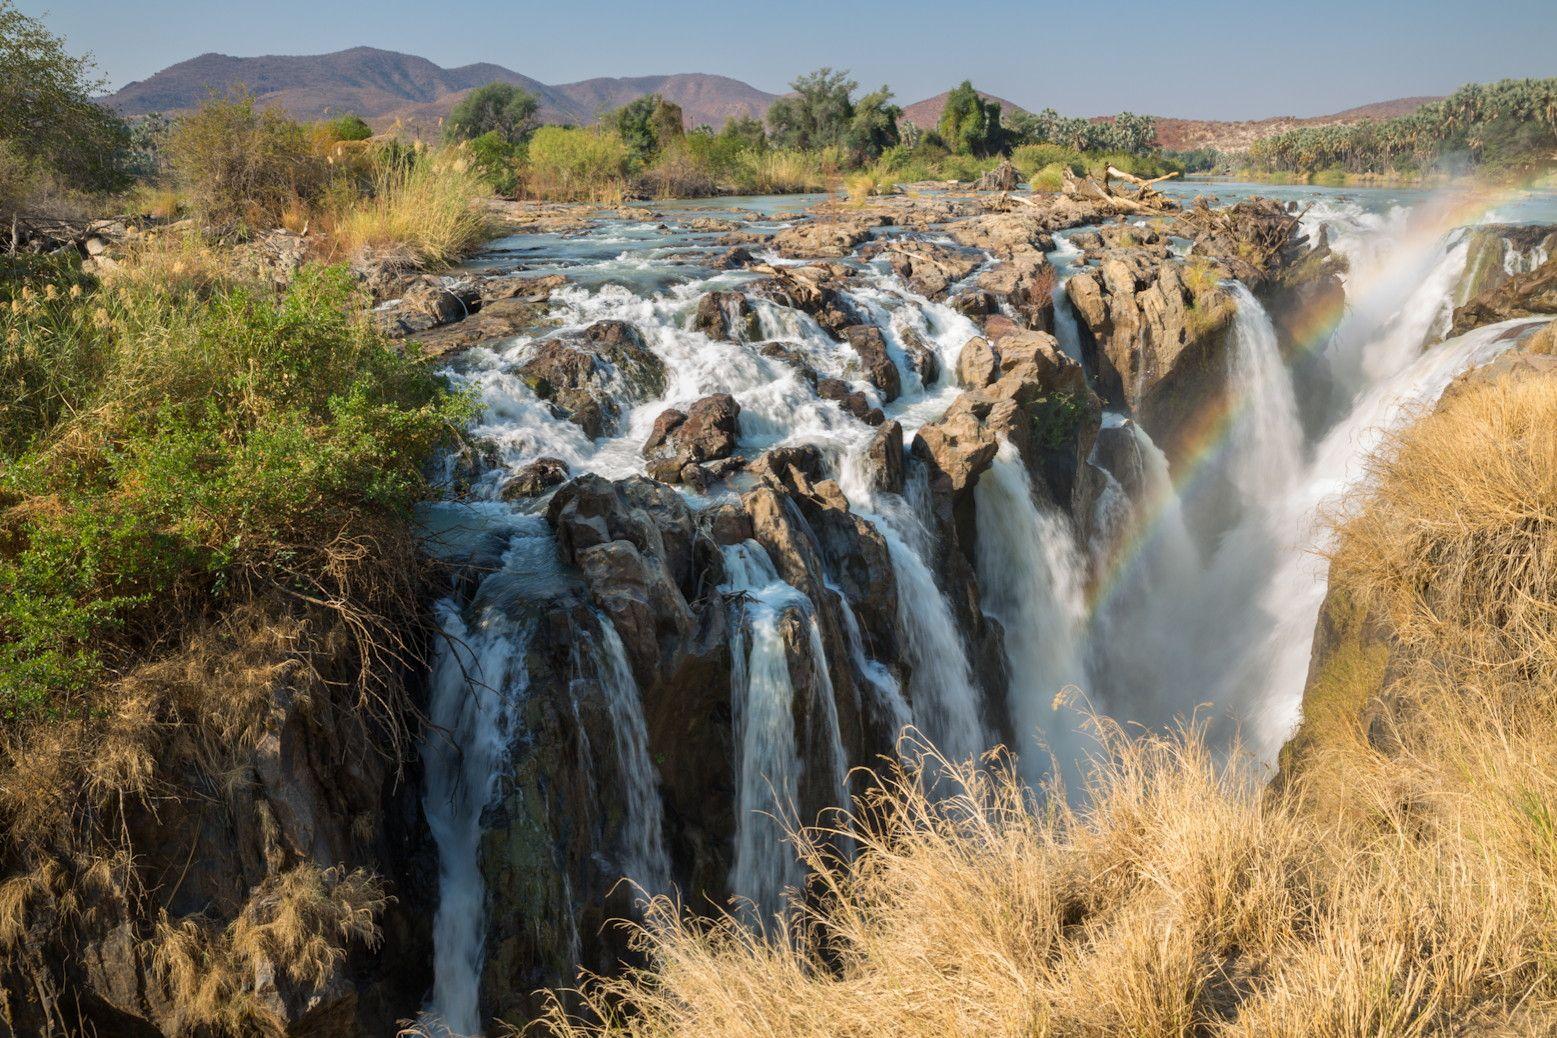 Chutes d'Epupa, Namibie. La rugissante chute d'Epupa sur la rivière Kuene peut atteindre en saison un débit de 500 000 litres, voire un million de litres par seconde.  ©  F.C.G. - Fotolia.com http://www.linternaute.com/